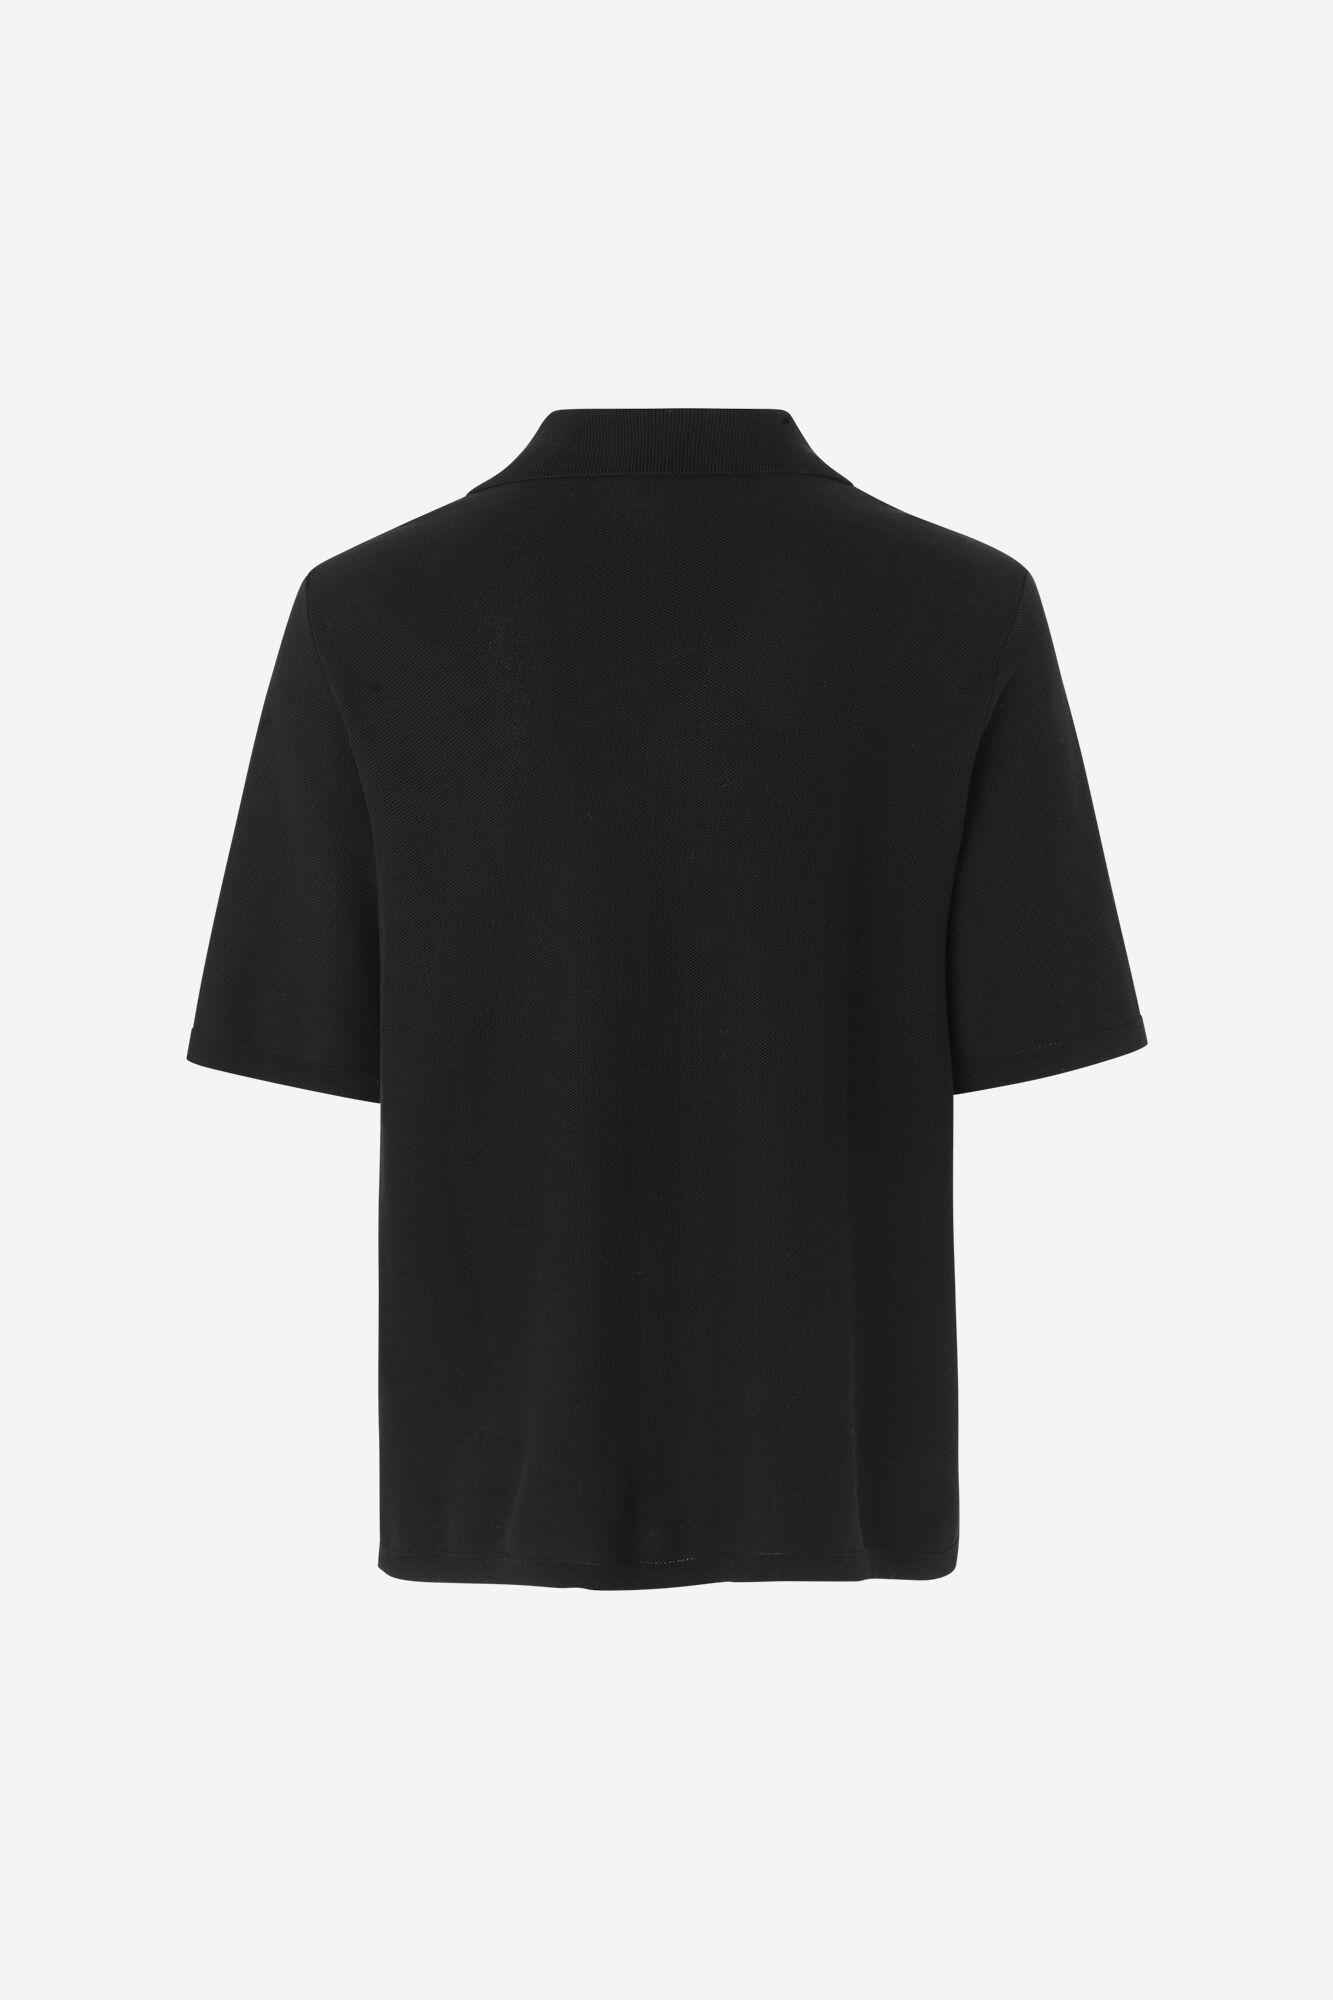 Risby shirt 11564, BLACK